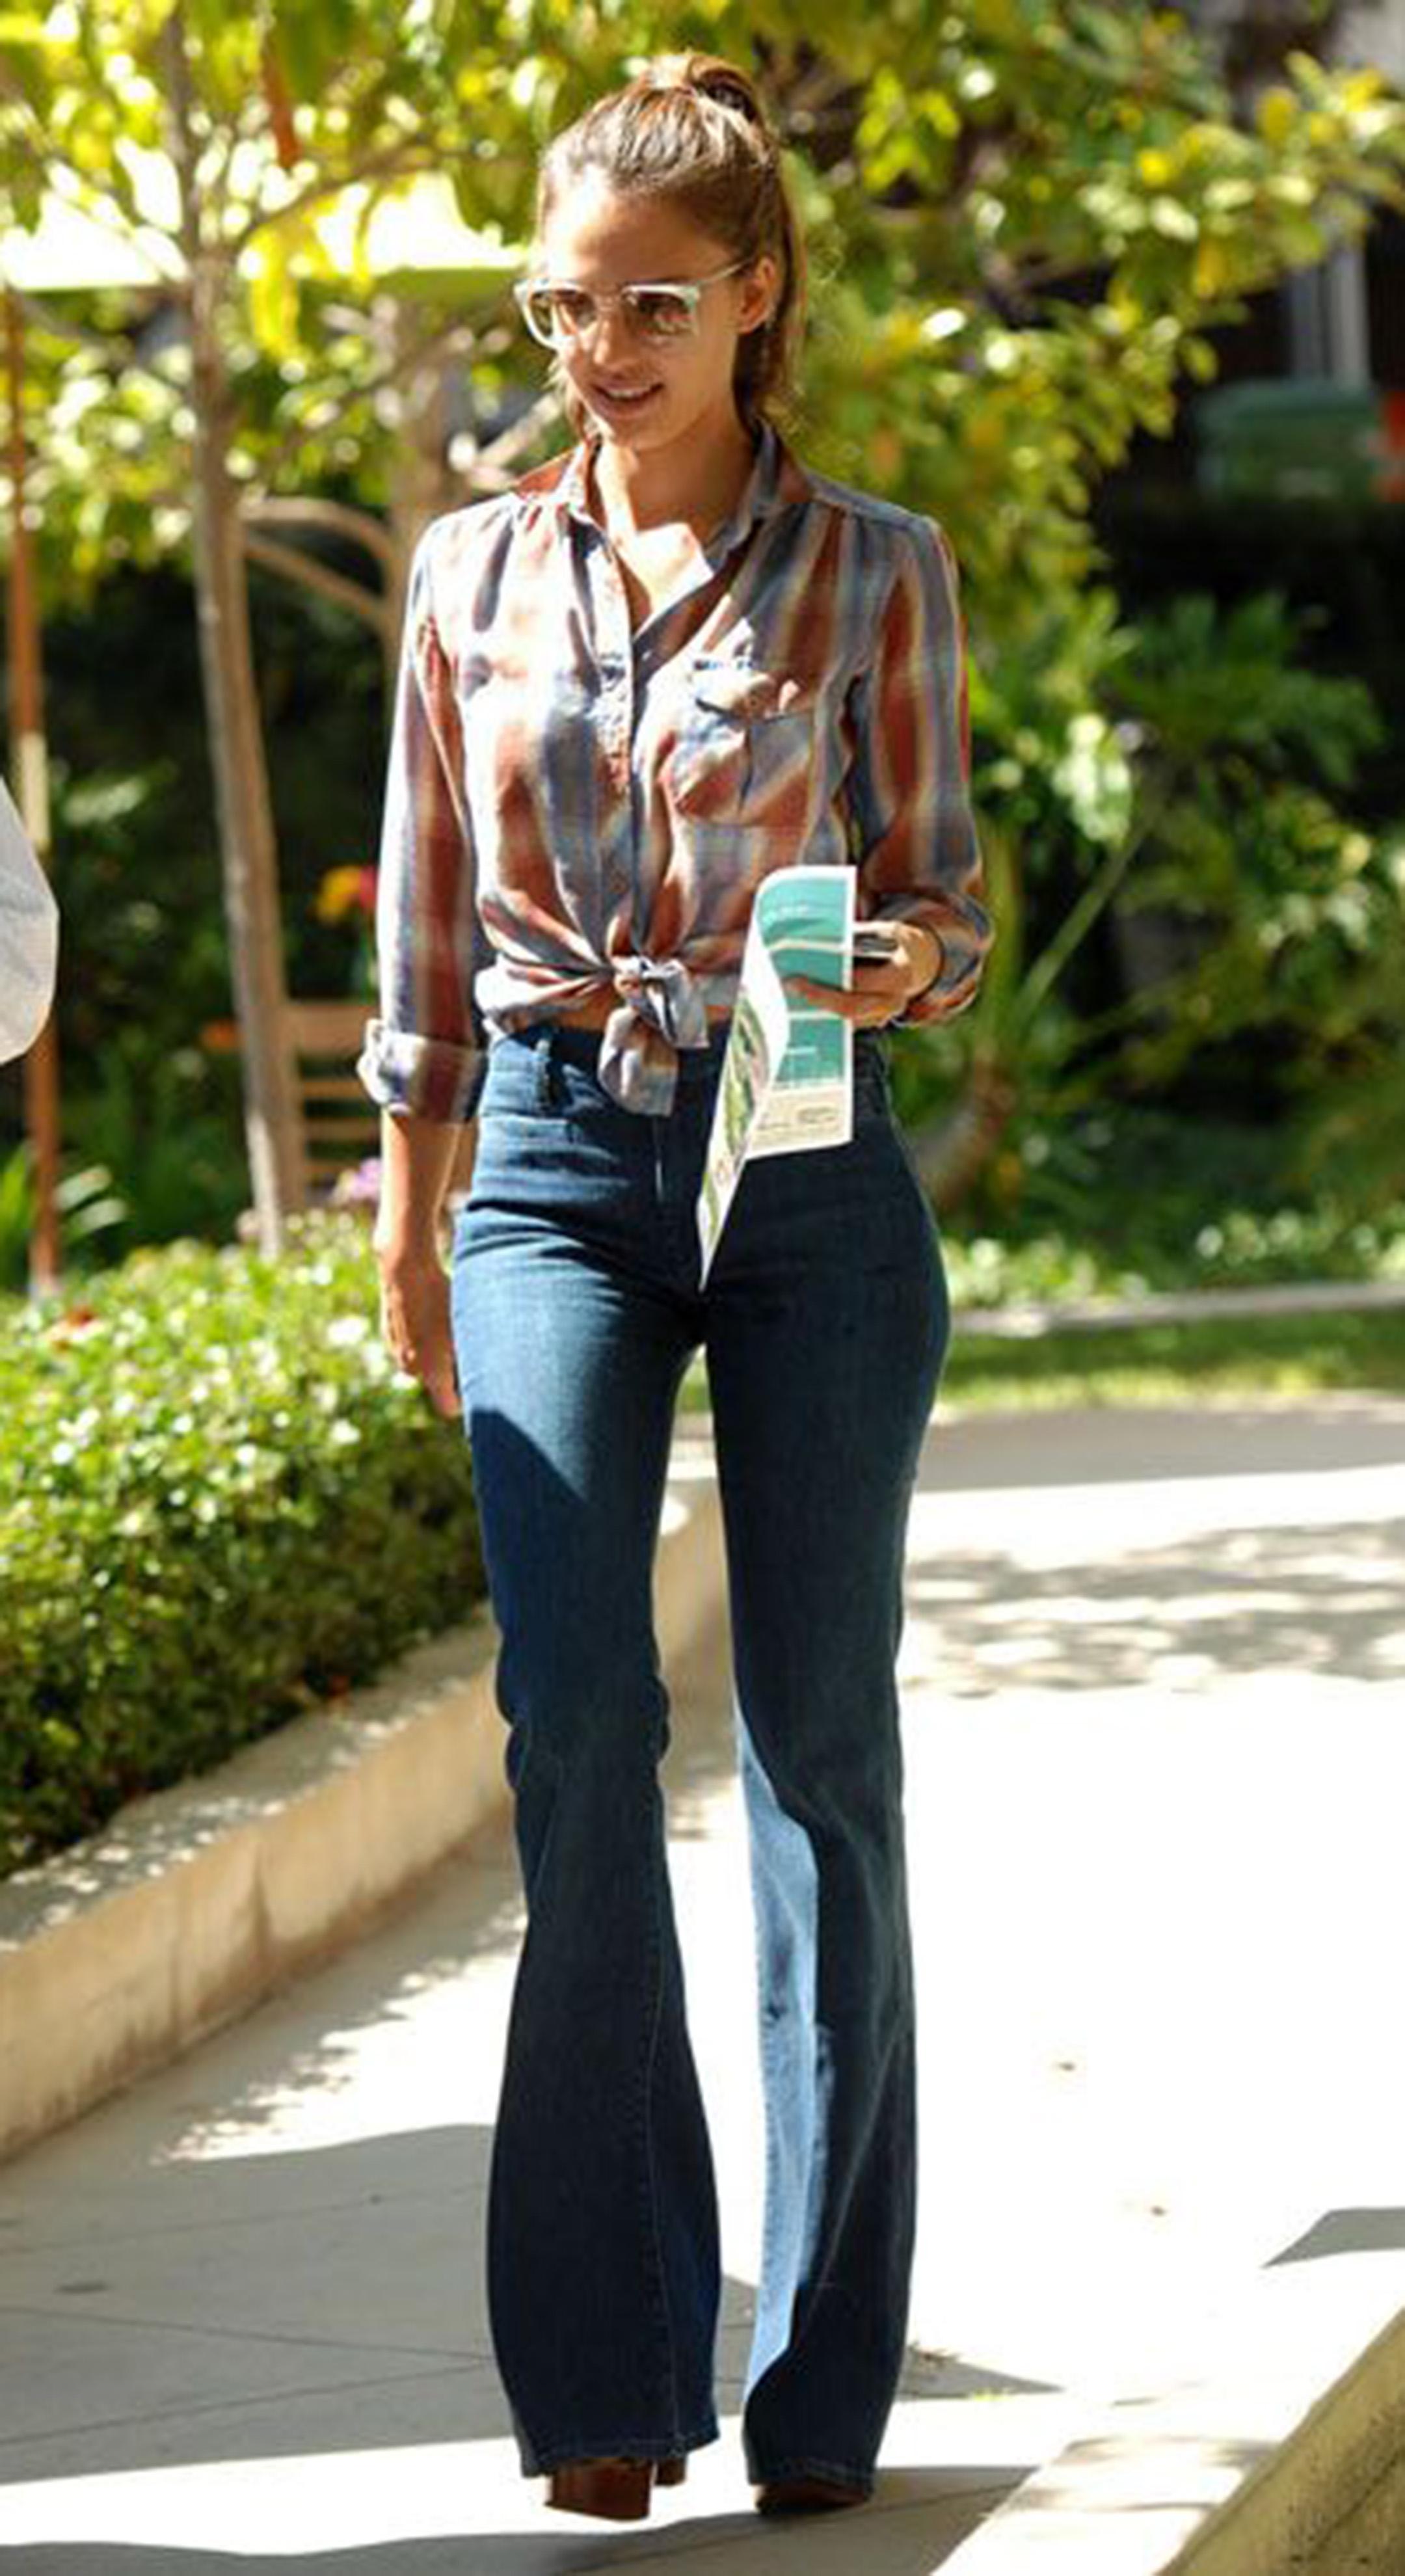 pantaloni-zampa-styleshouts-jeans-jessica-alba